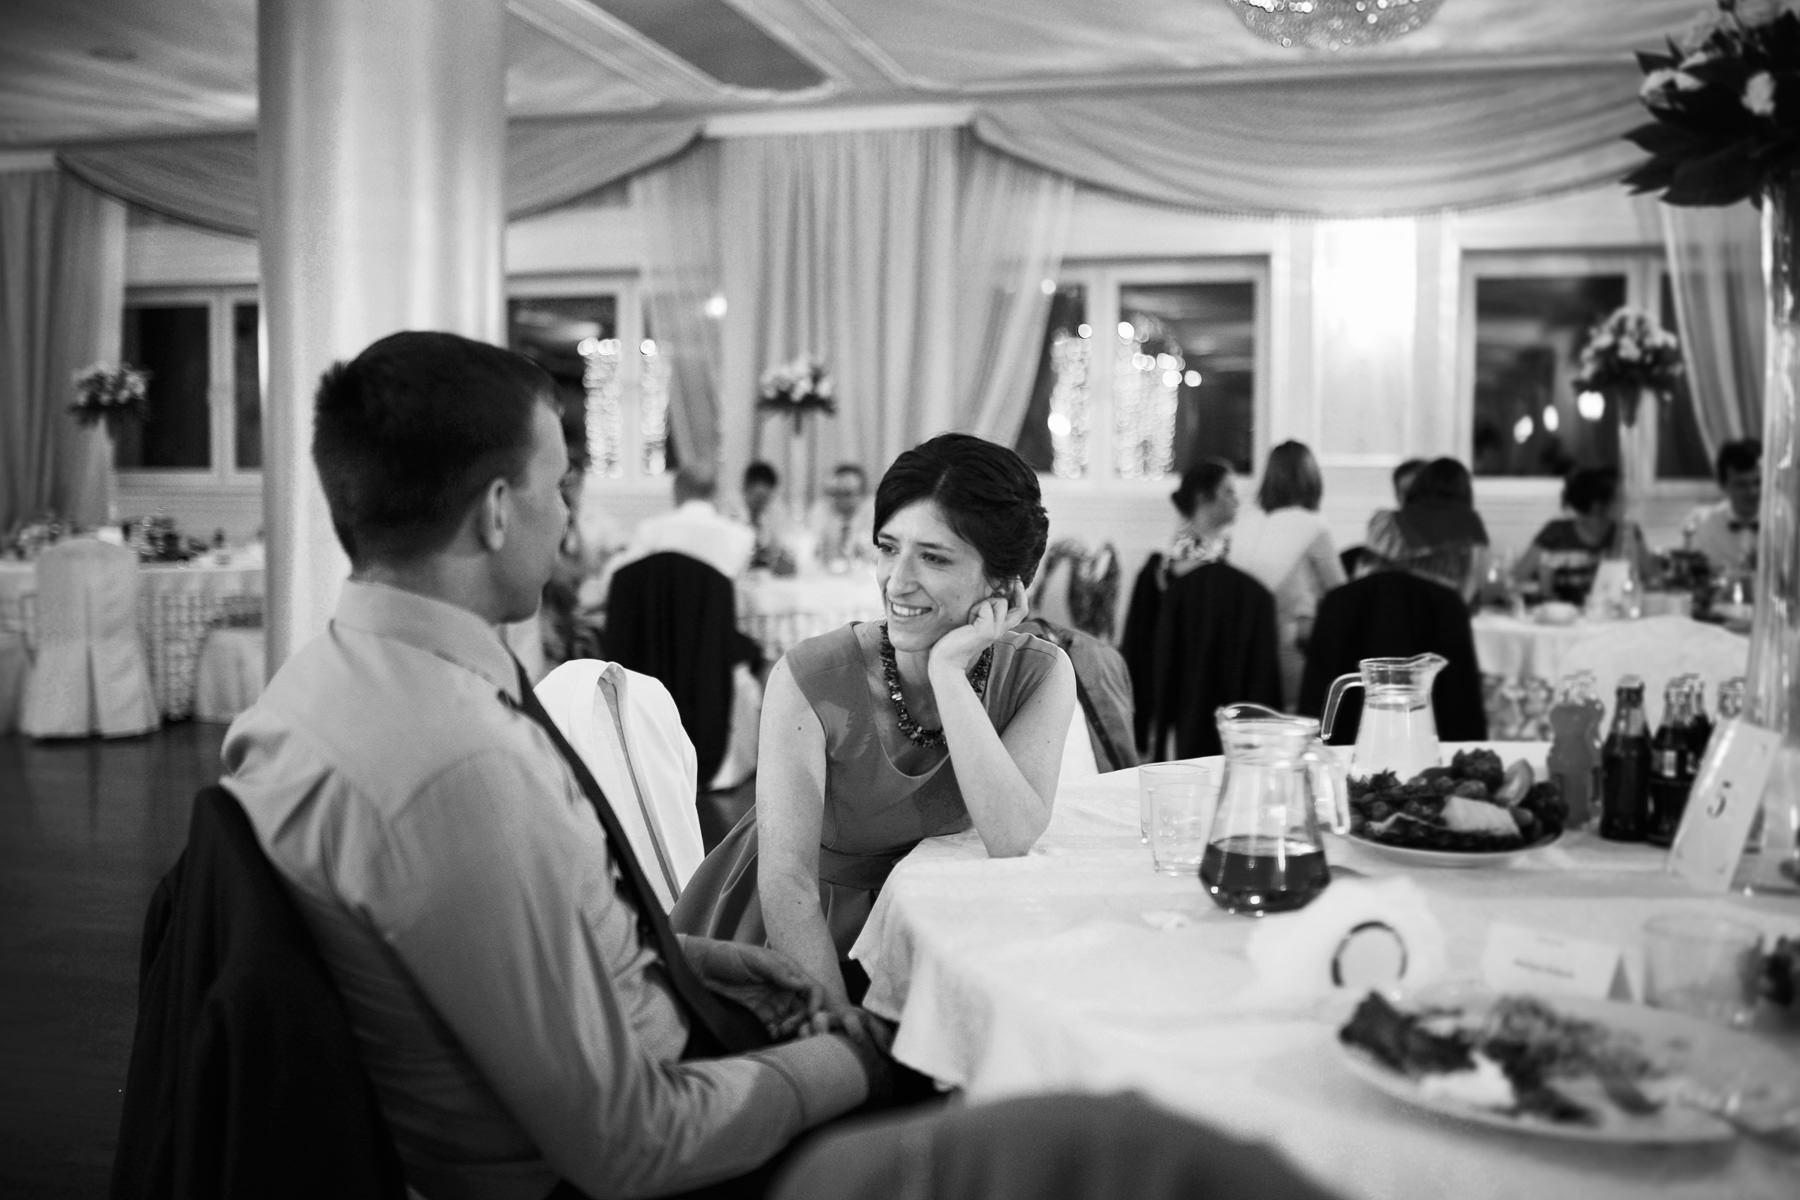 fotograf slub bielsko biala ania maciej 141 - Ślub w Bielsku-Białej - ANIA & MACIEJ